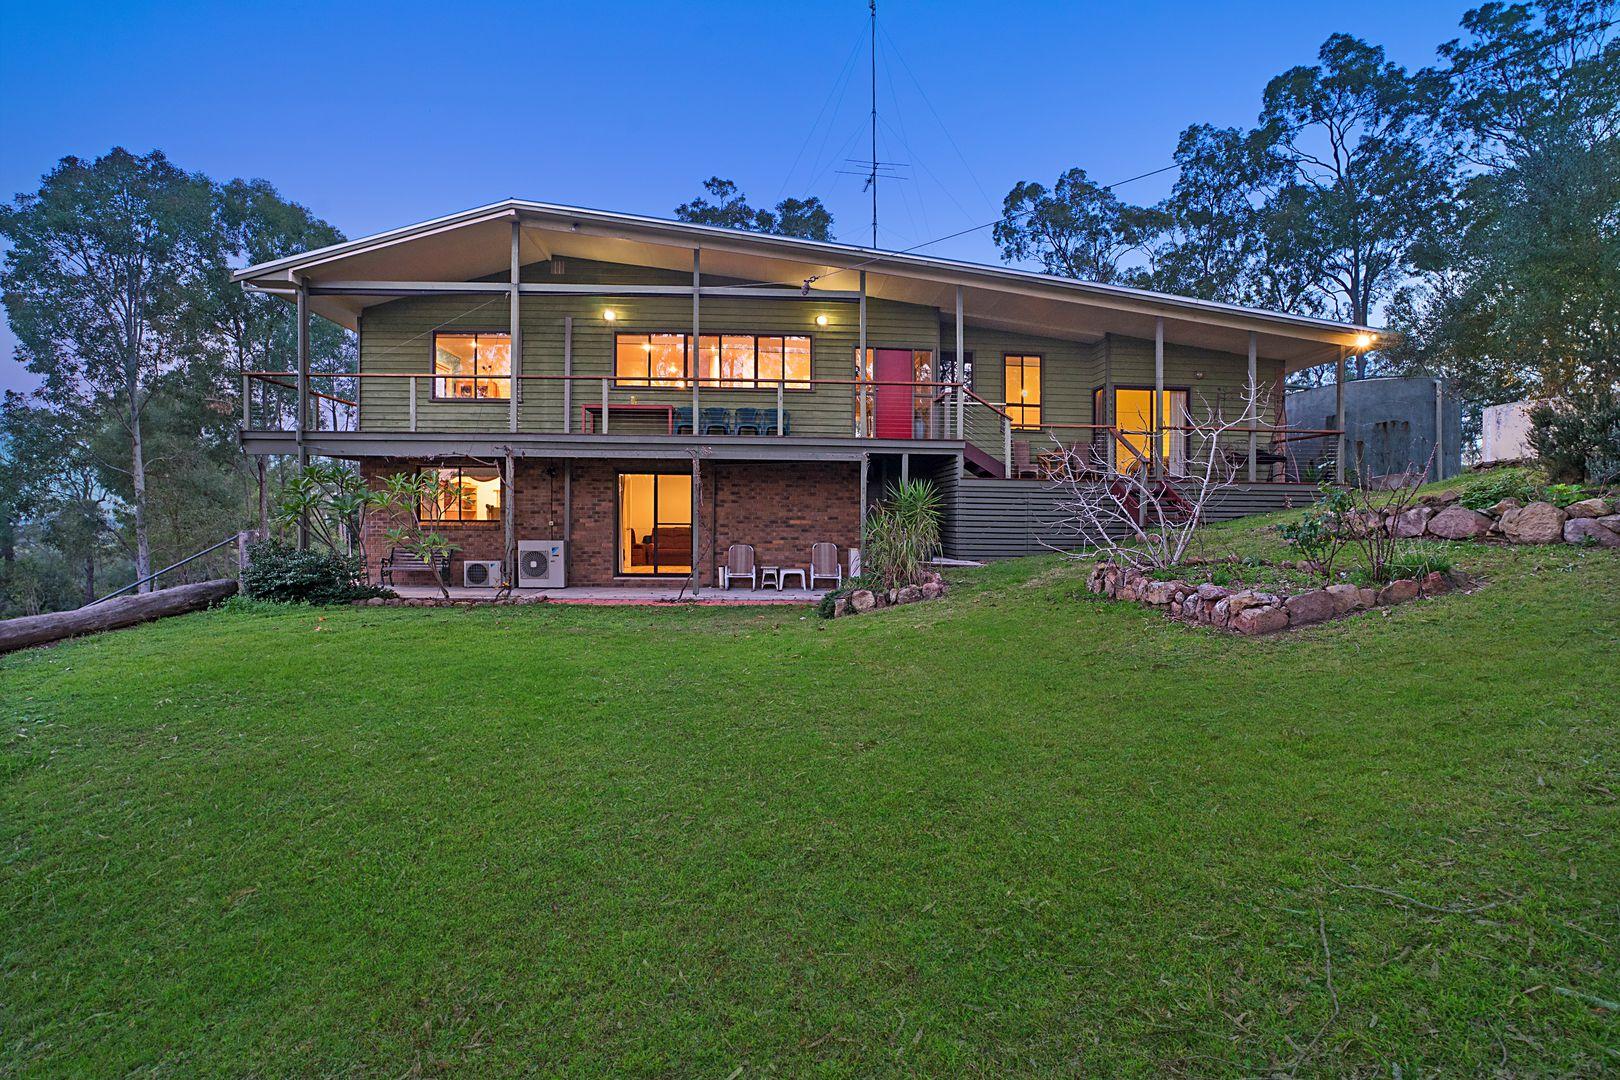 508 Maitland Vale Road, Maitland Vale NSW 2320, Image 0